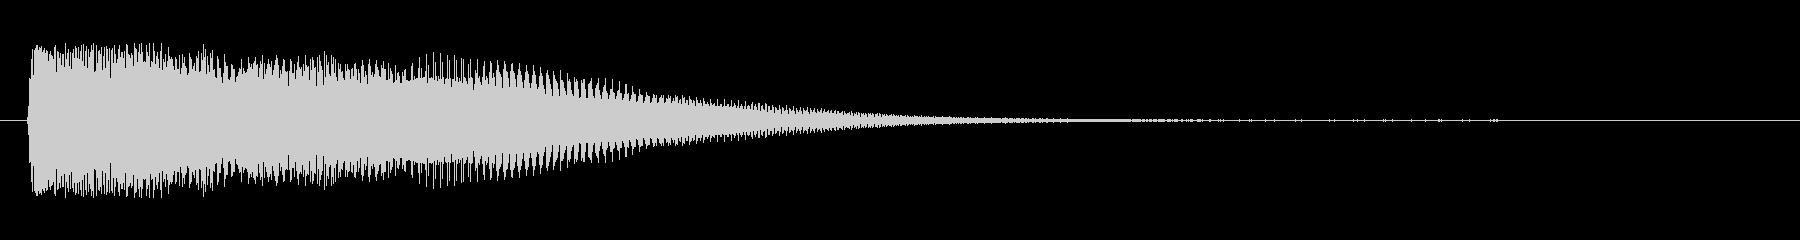 シタールを使った音源ですの未再生の波形